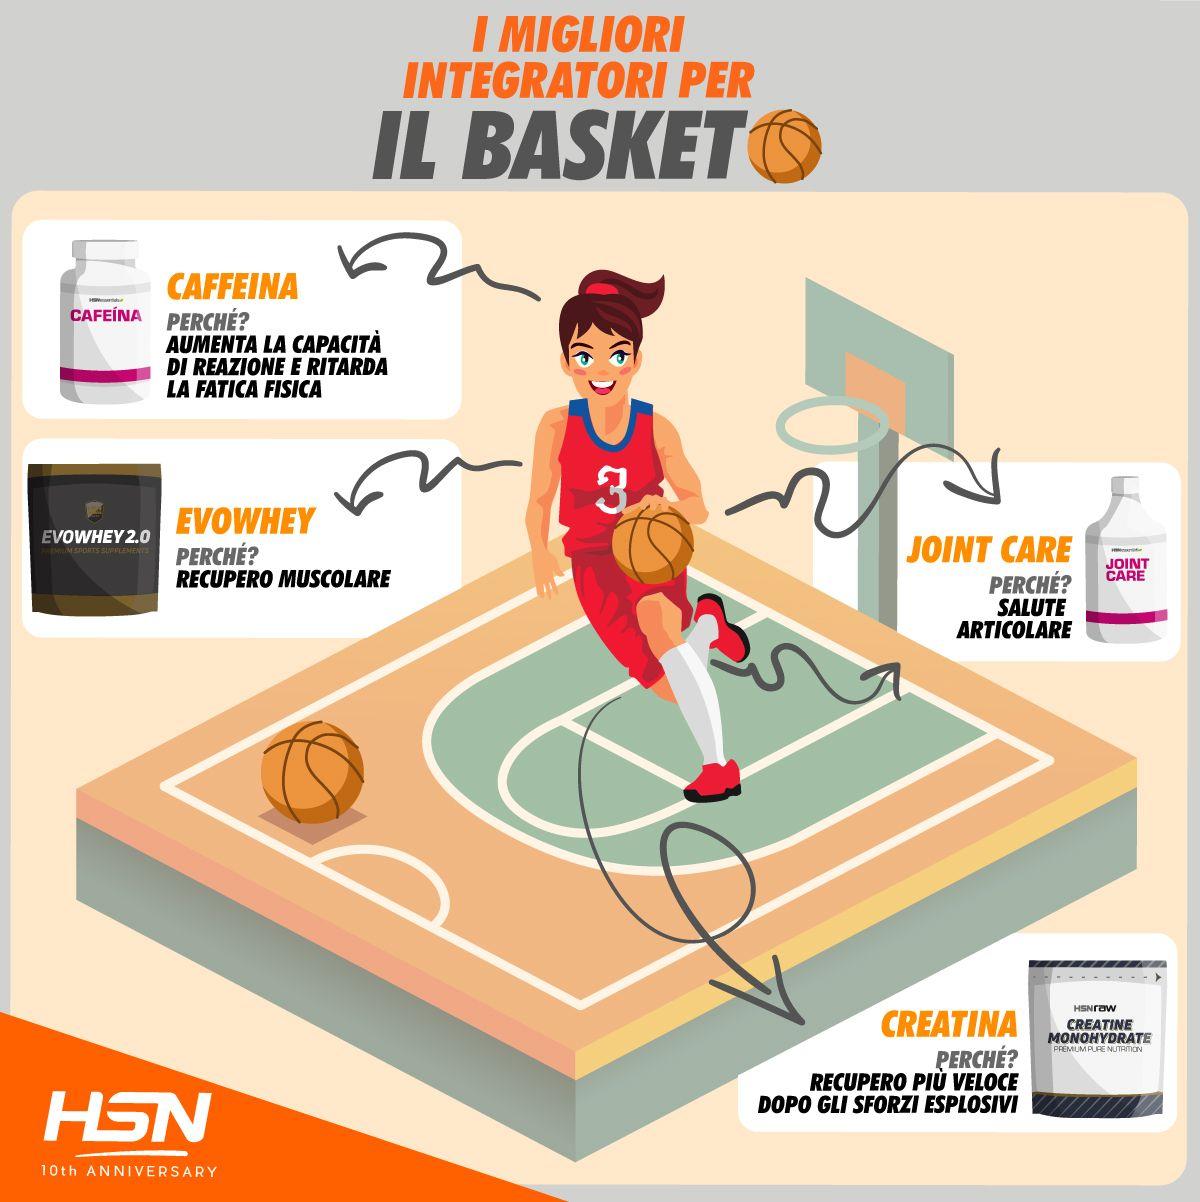 integratori per il basket